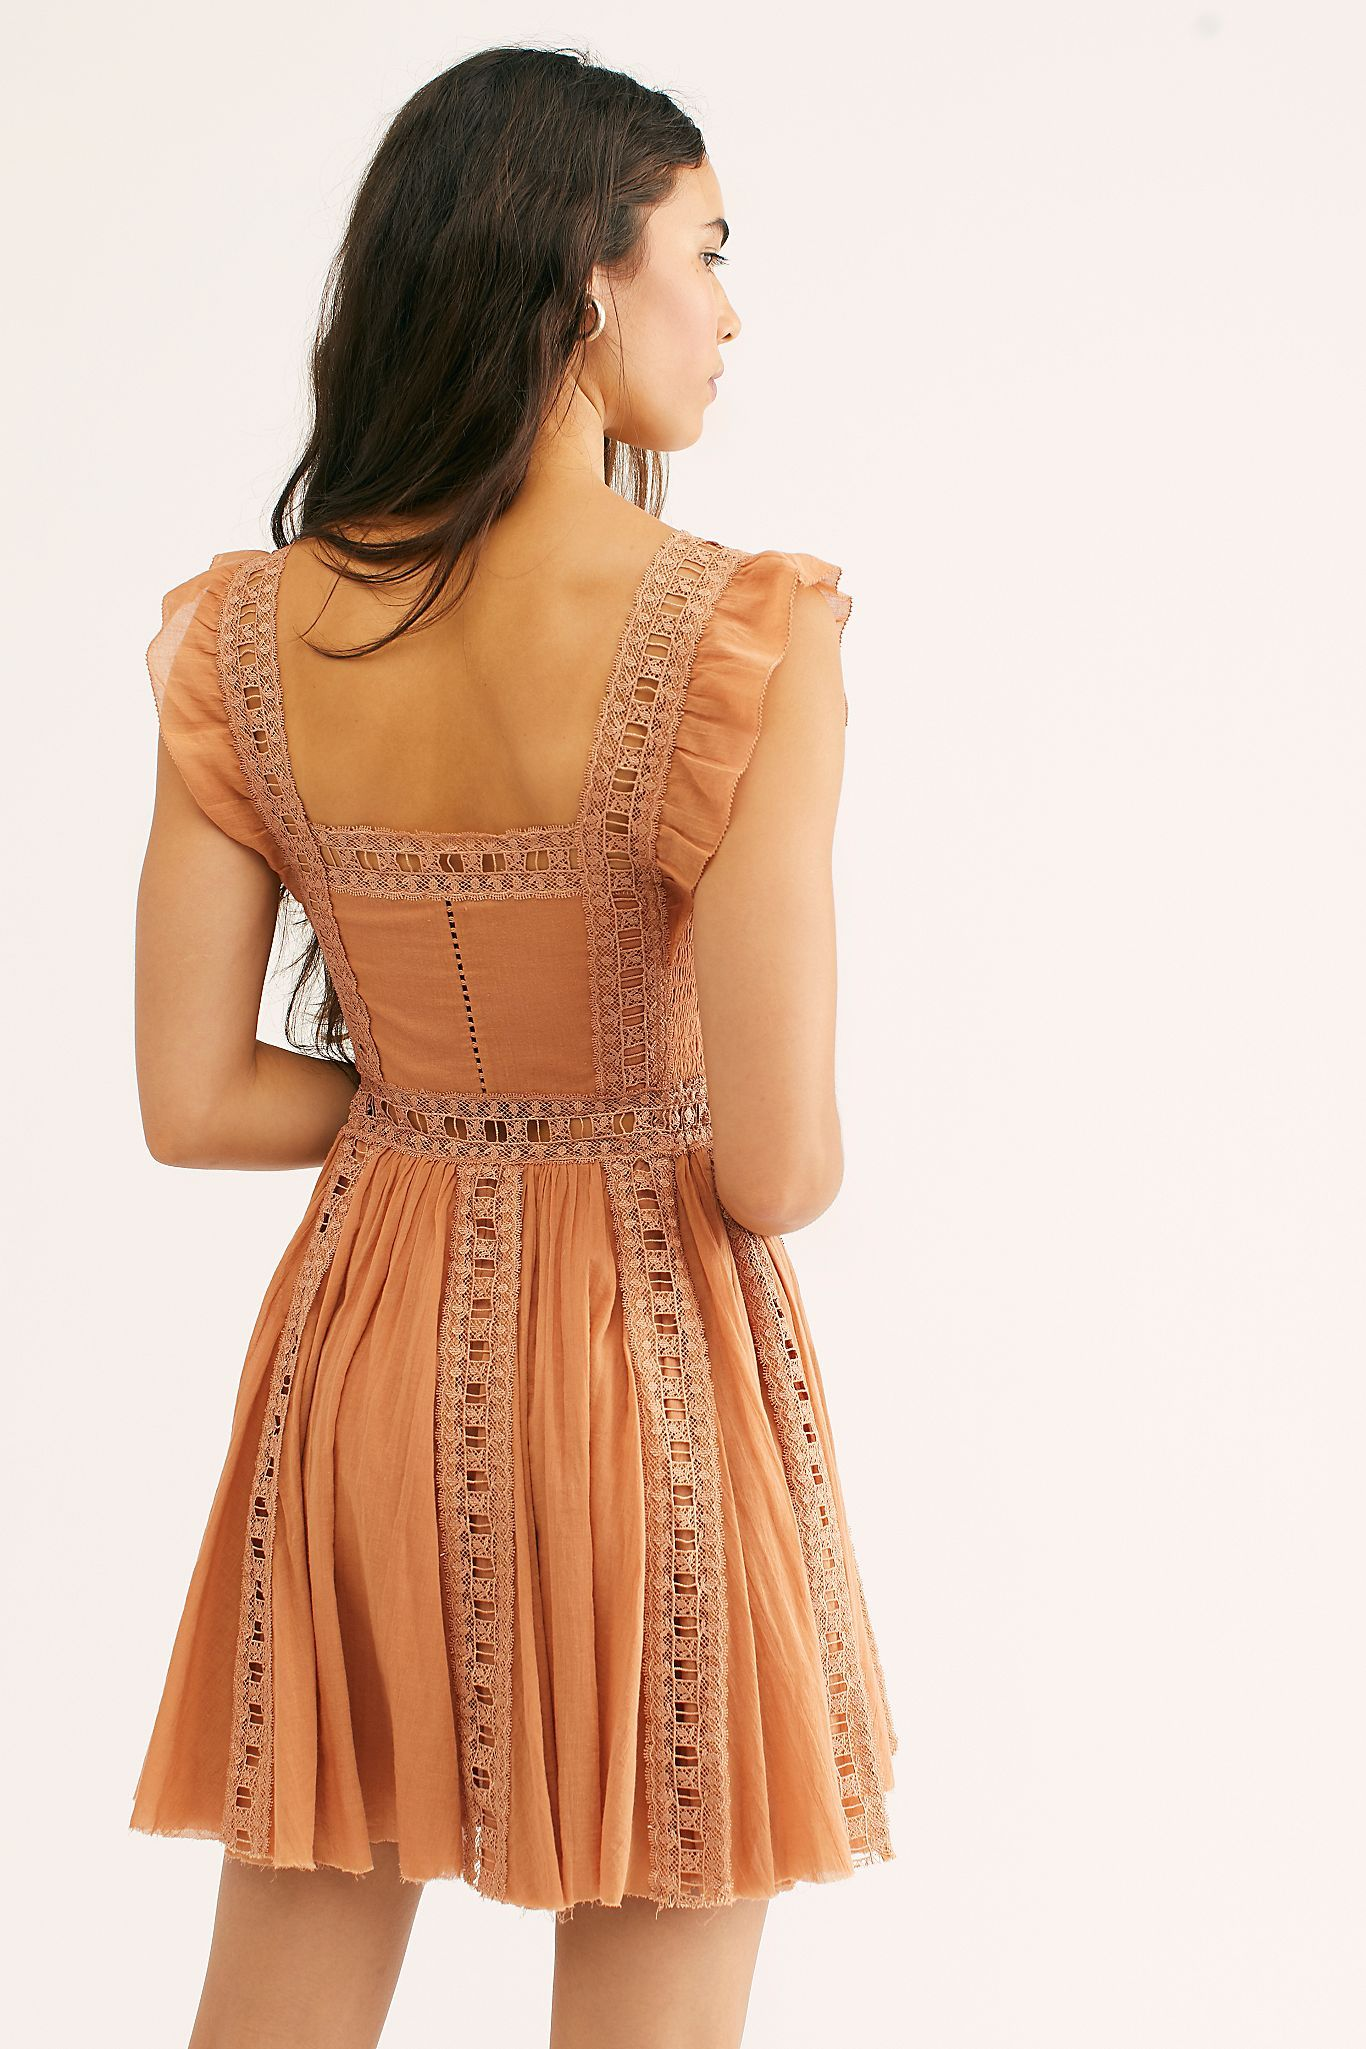 Santa Maria Maxi Dress In 2021 Mini Dress Fashion Dresses [ 2049 x 1366 Pixel ]